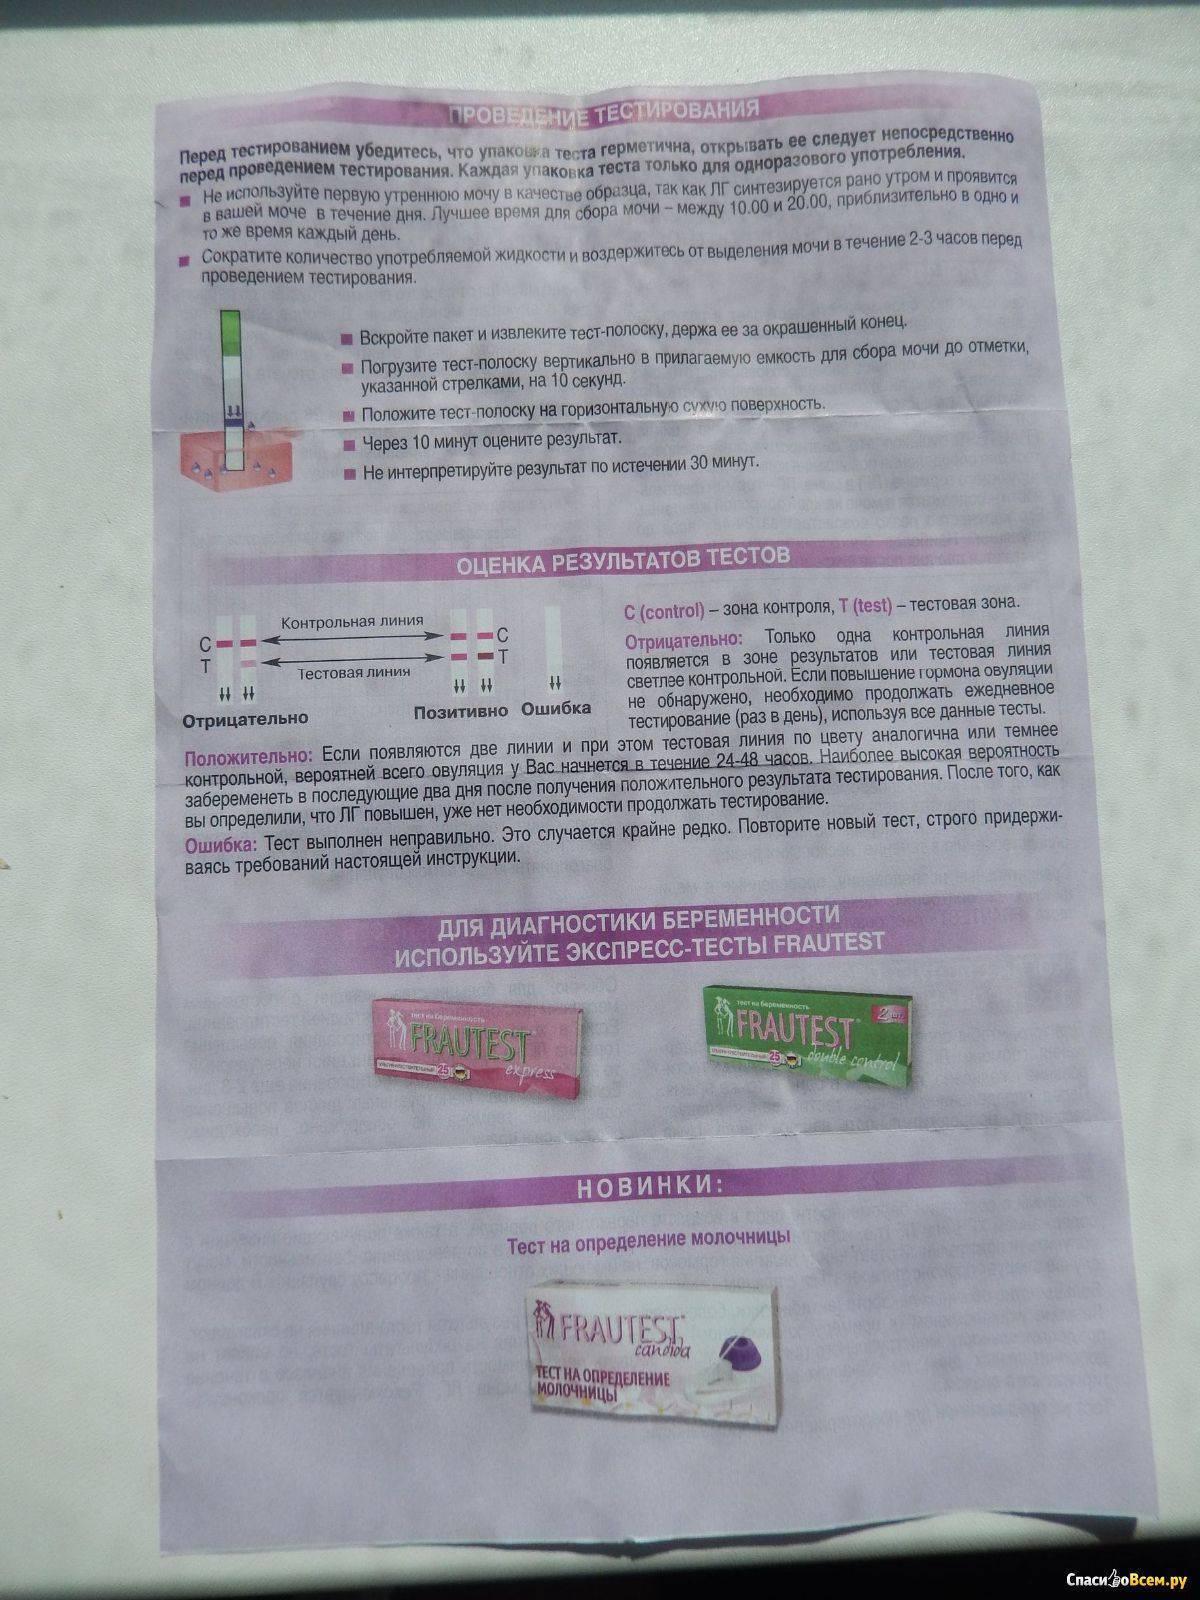 Фраутест (frautest) на овуляцию. отзывы, инструкция по применению, фото до и после, где купить, цена